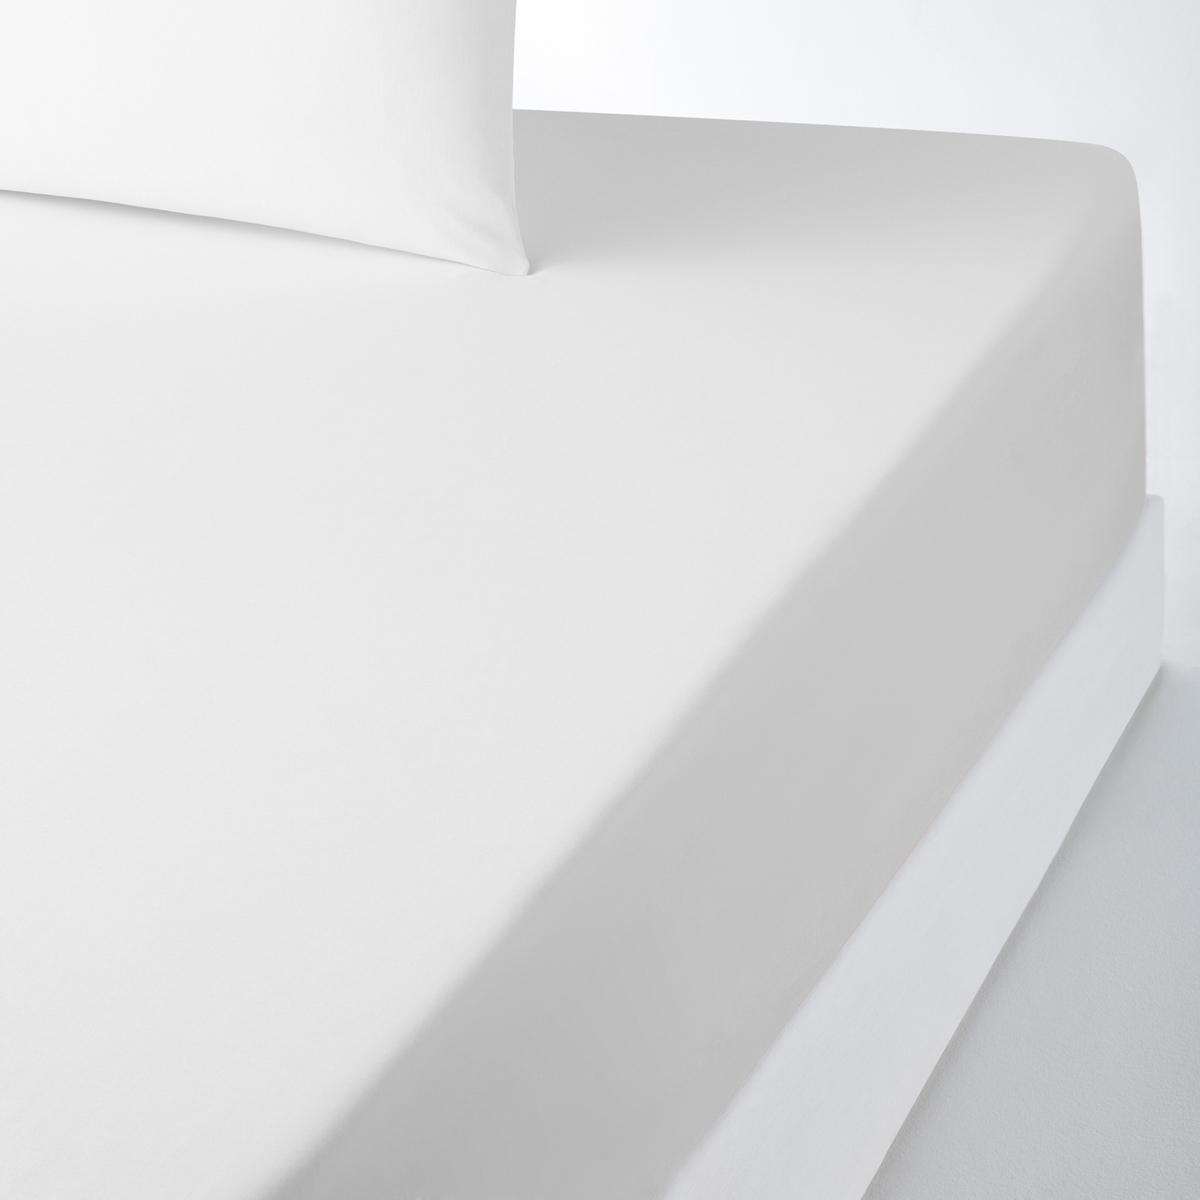 Простыня La Redoute Натяжная для толстых матрасов из поликоттона Scenario 90 x 190 см белый простыня la redoute натяжная из поликоттона scenario 180 x 200 см желтый